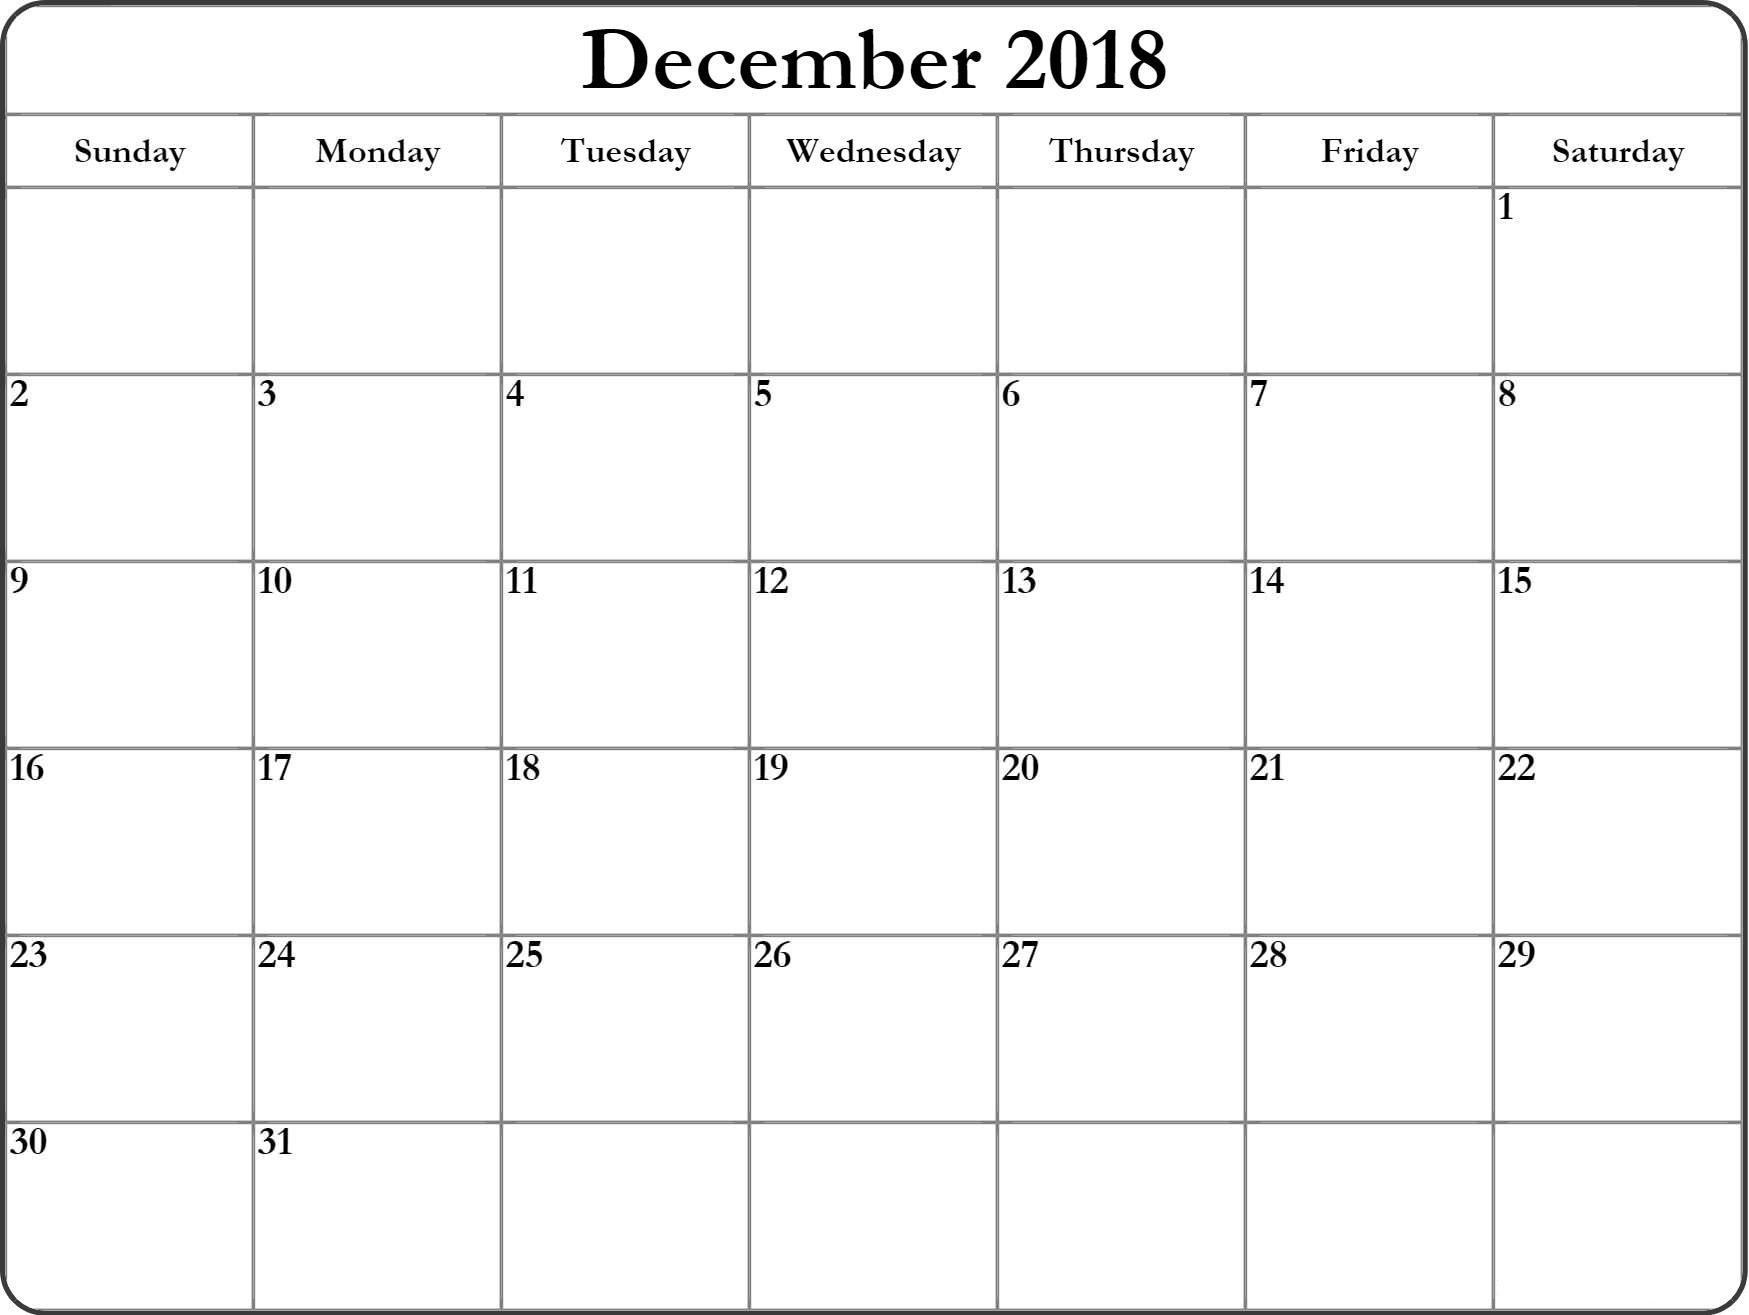 December 2018 Blank Calendar Editable